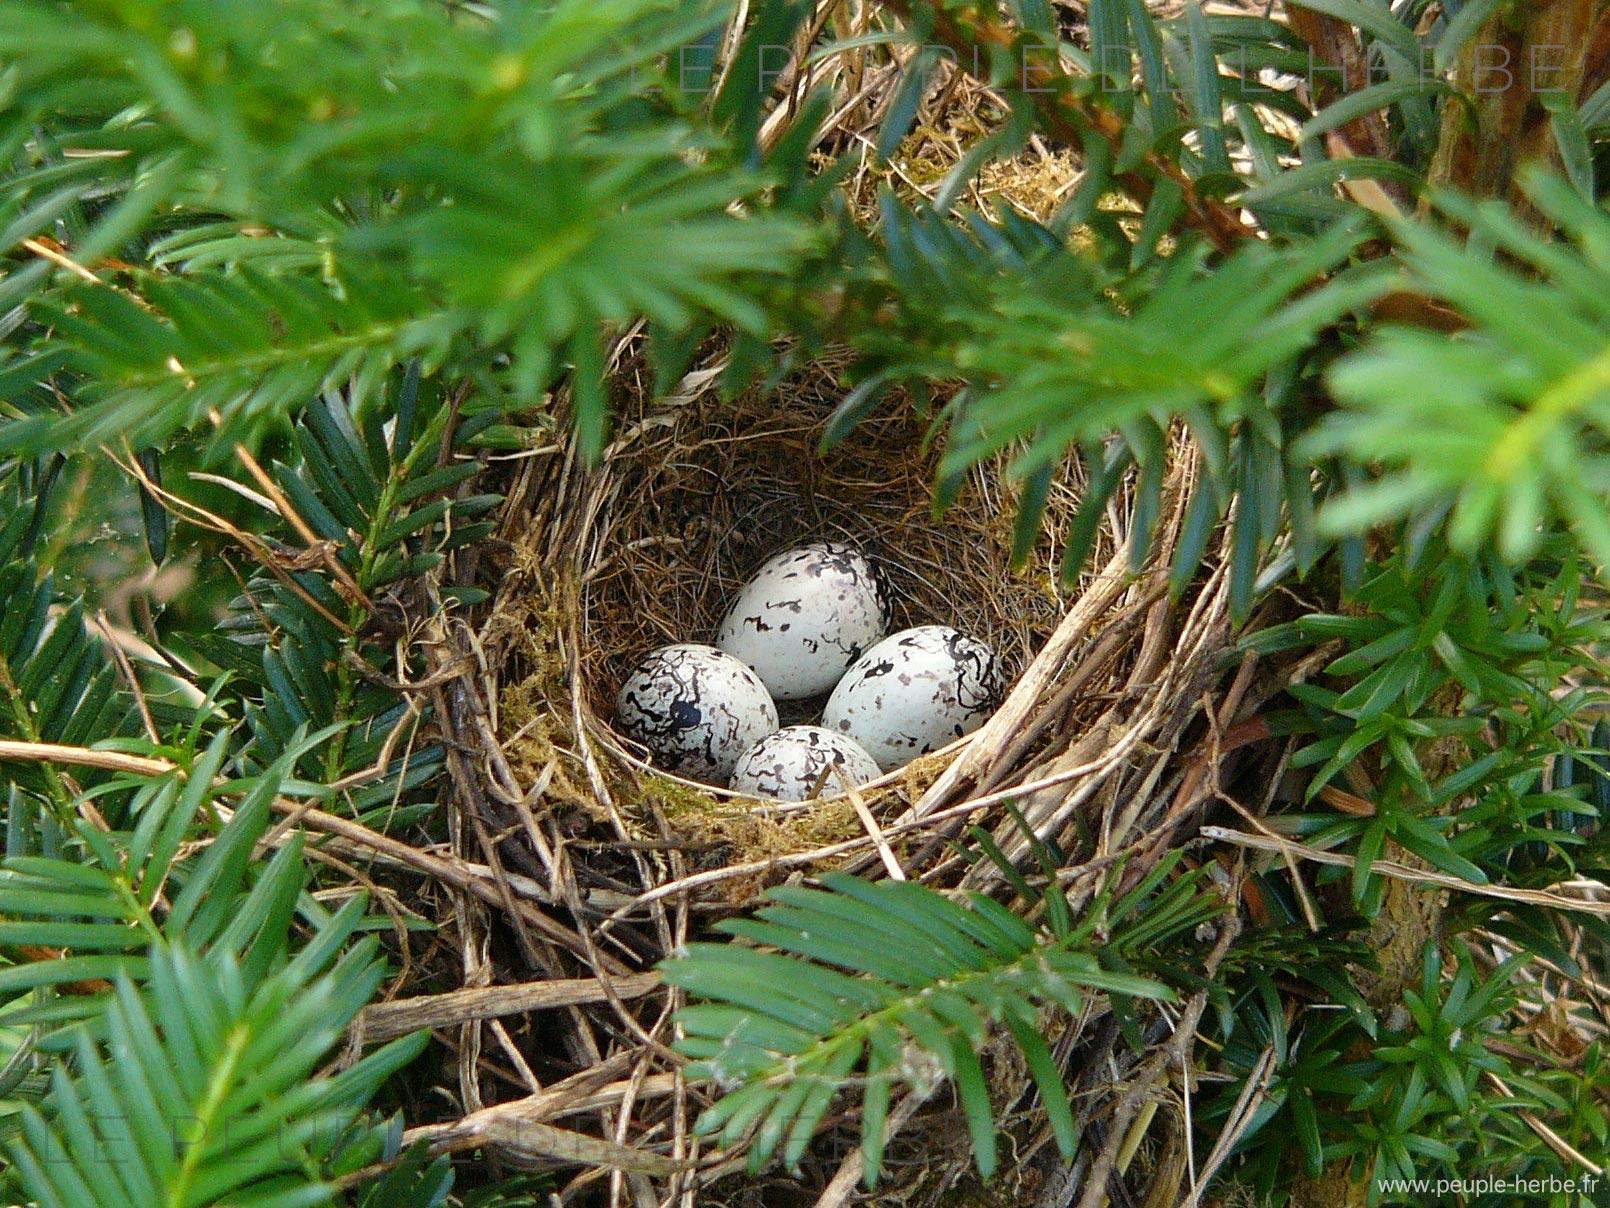 4 œufs d'oiseau dans un nid